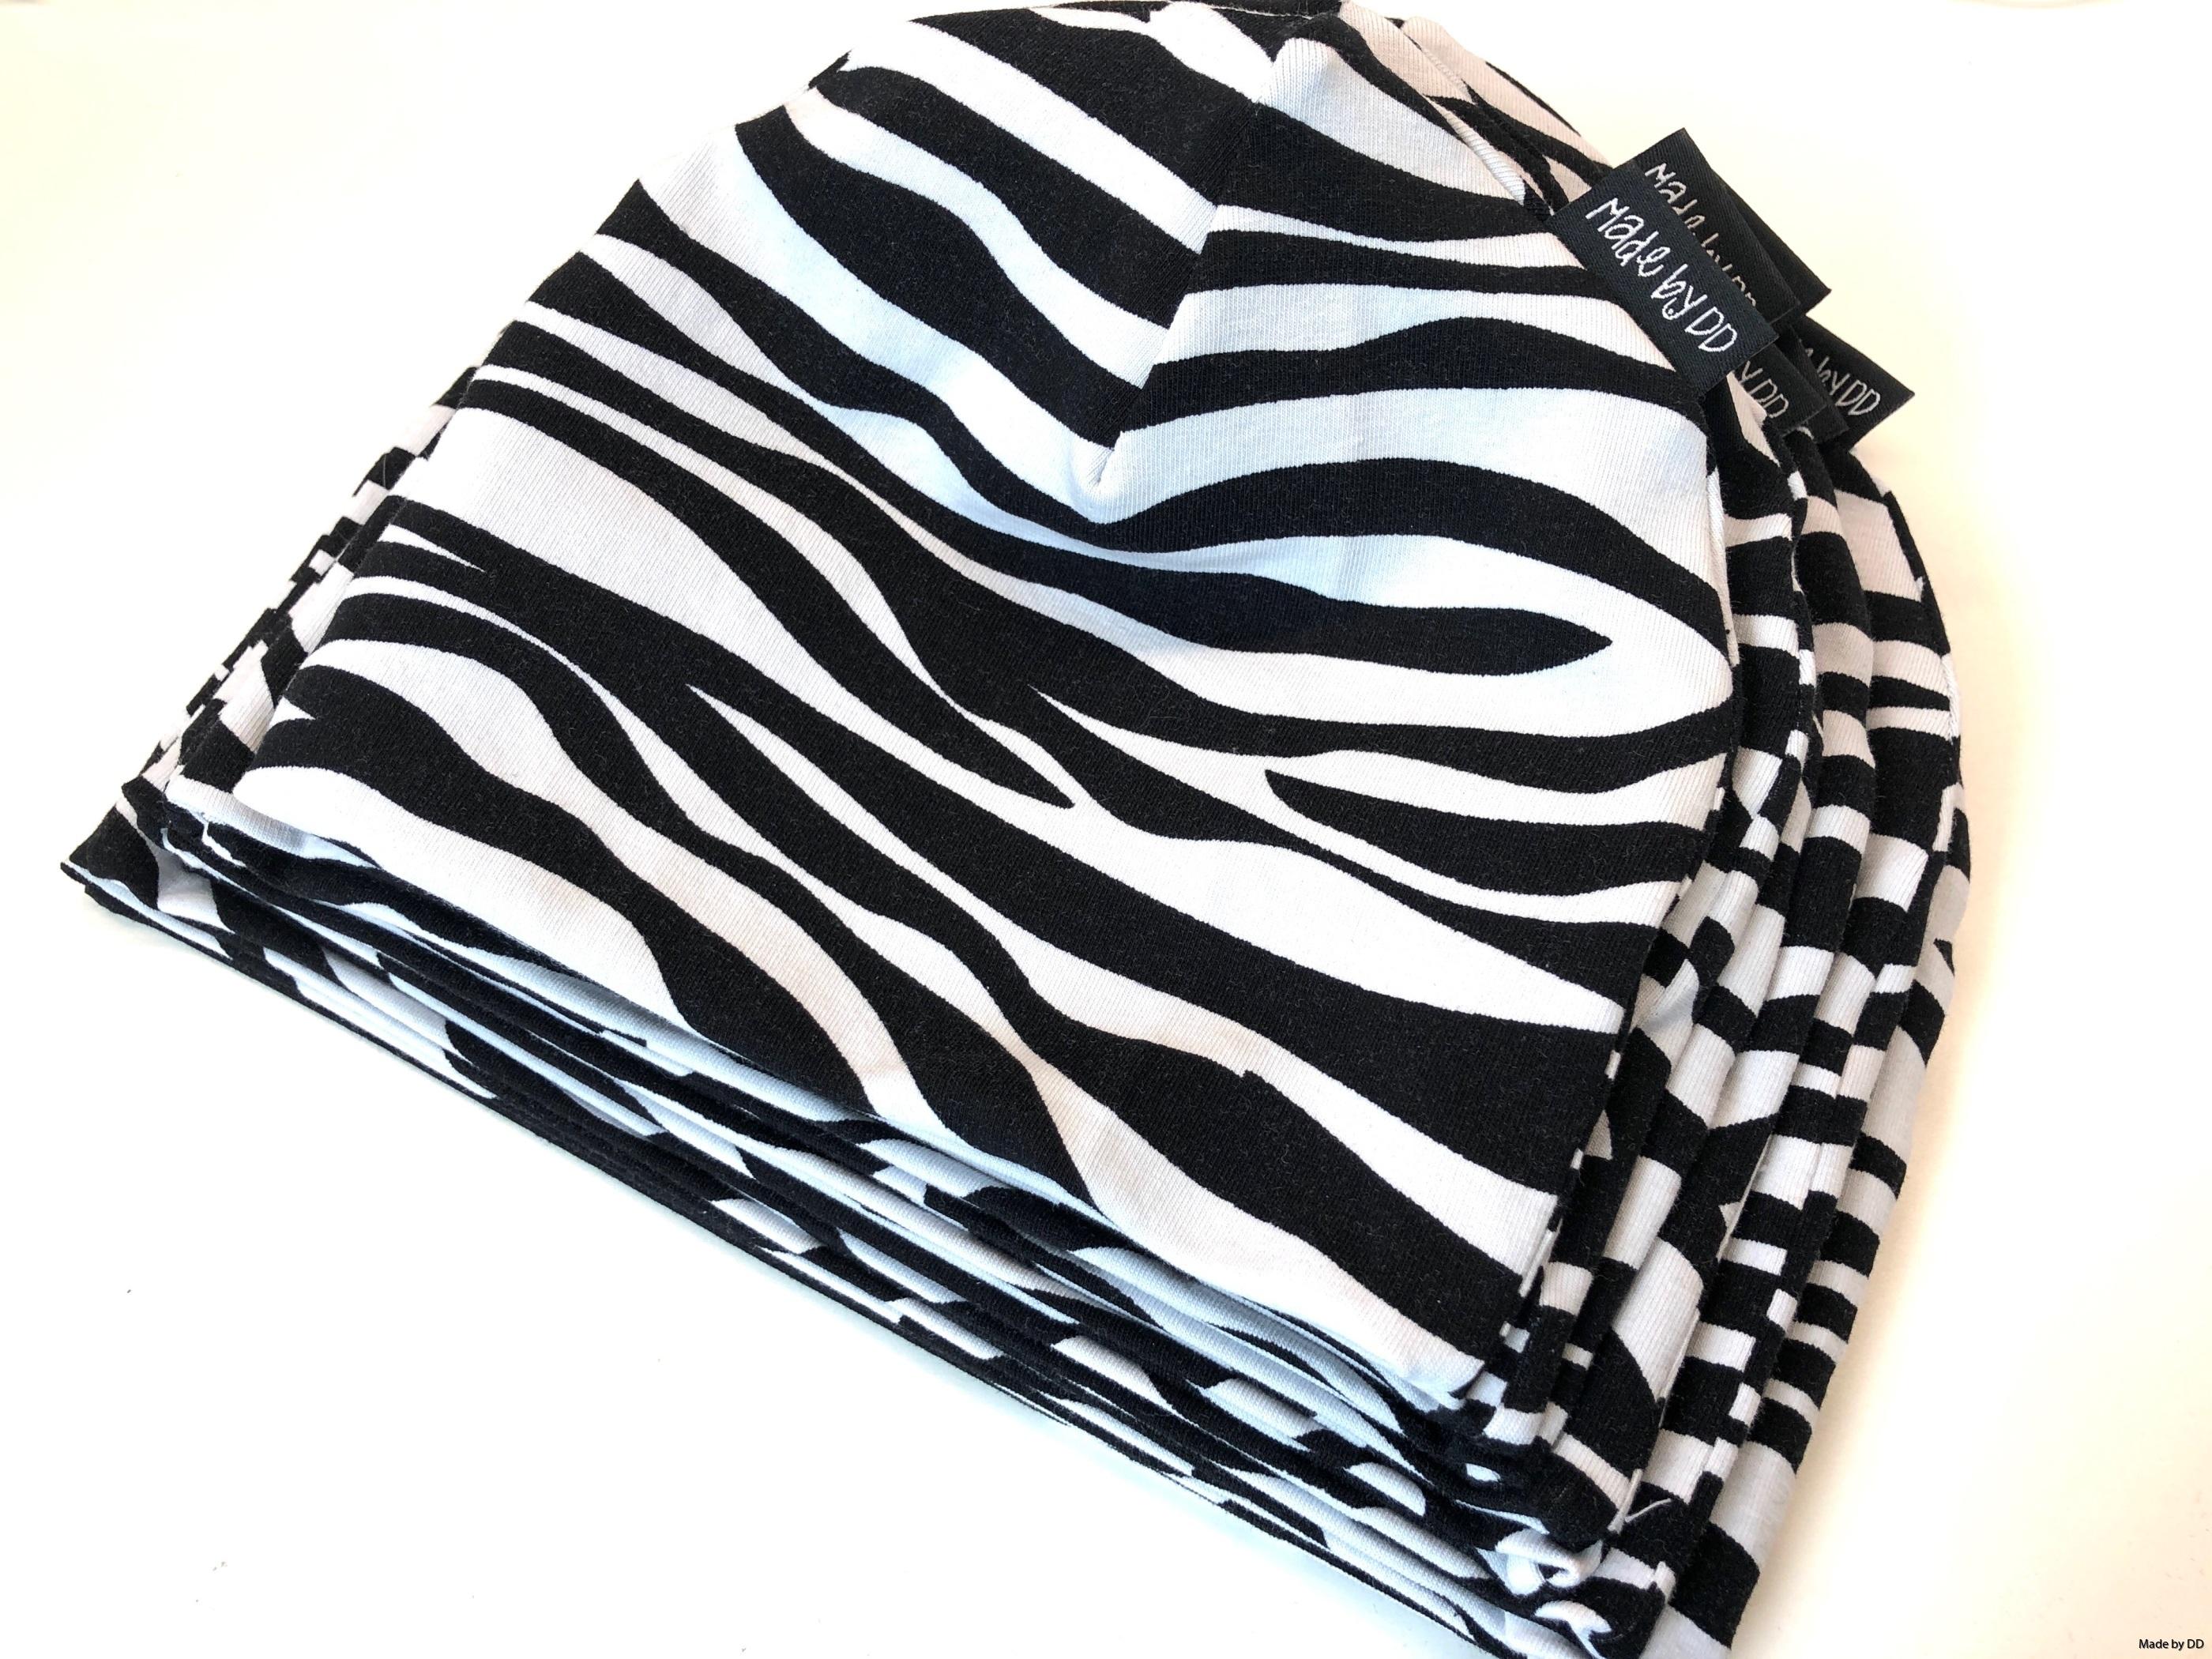 Mössor zebra Made by DD eko GOTS